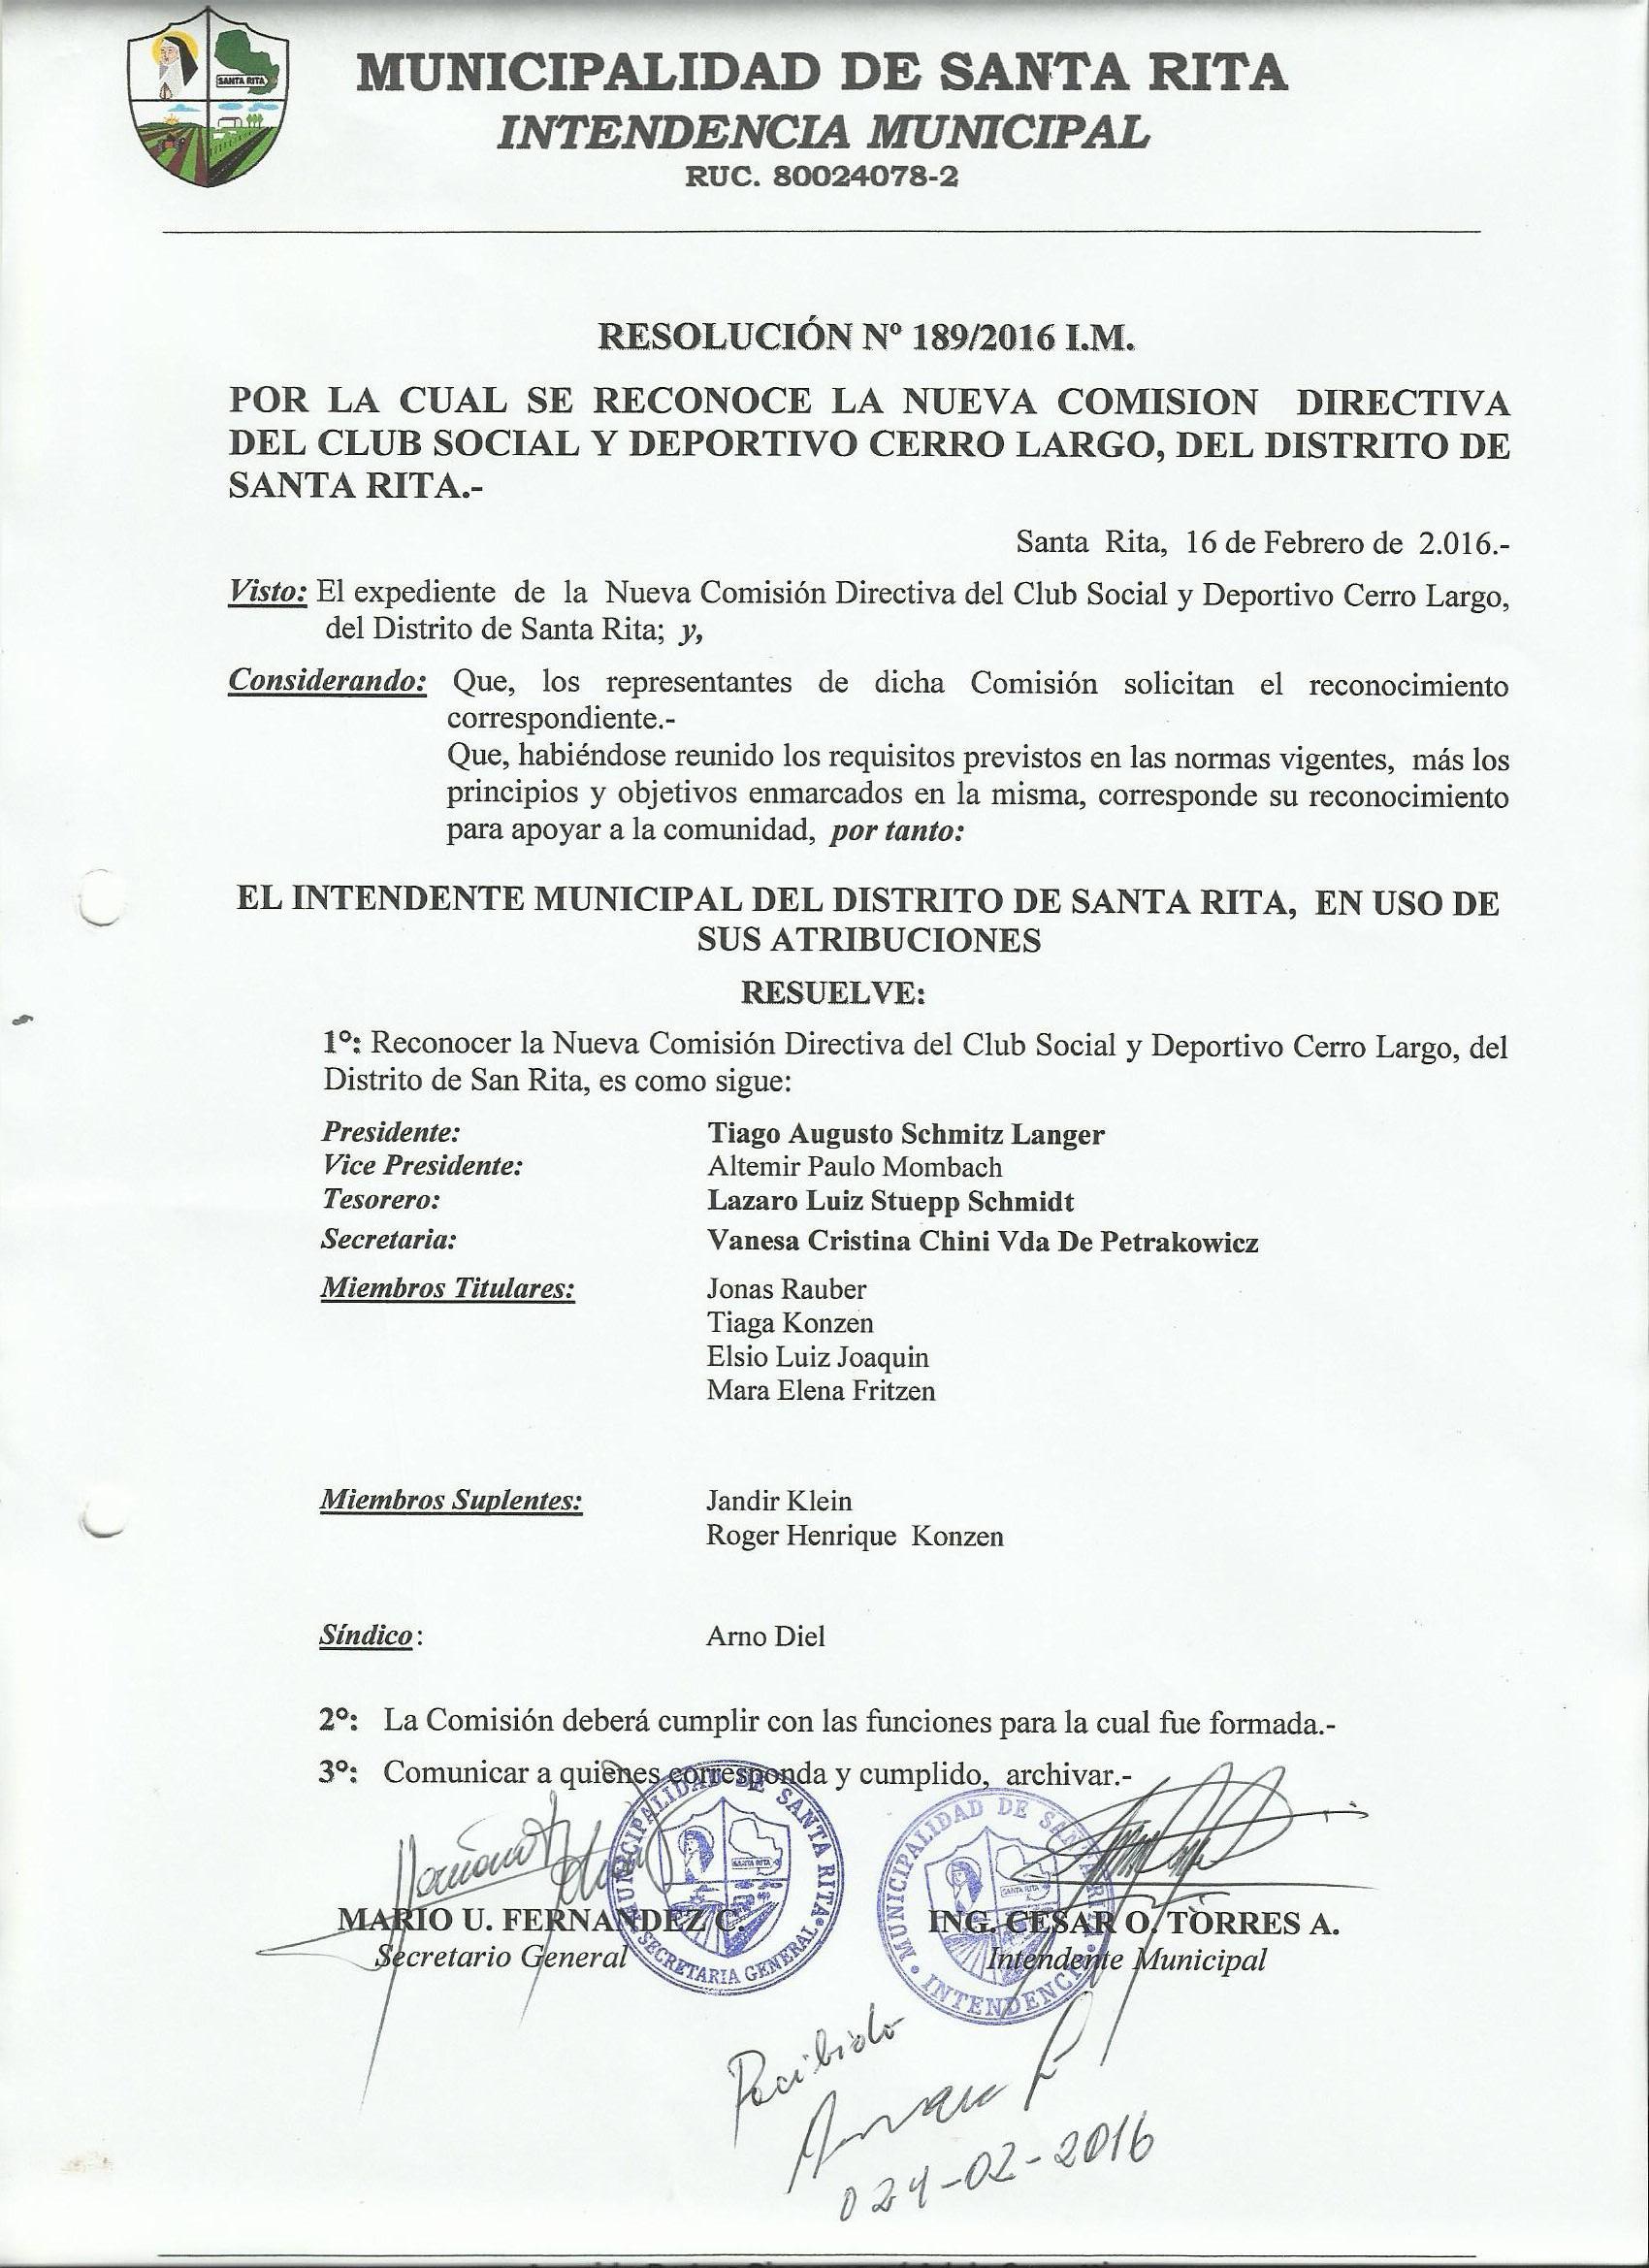 Reconocimiento Comision Club Social Deportivo Cerro Largo